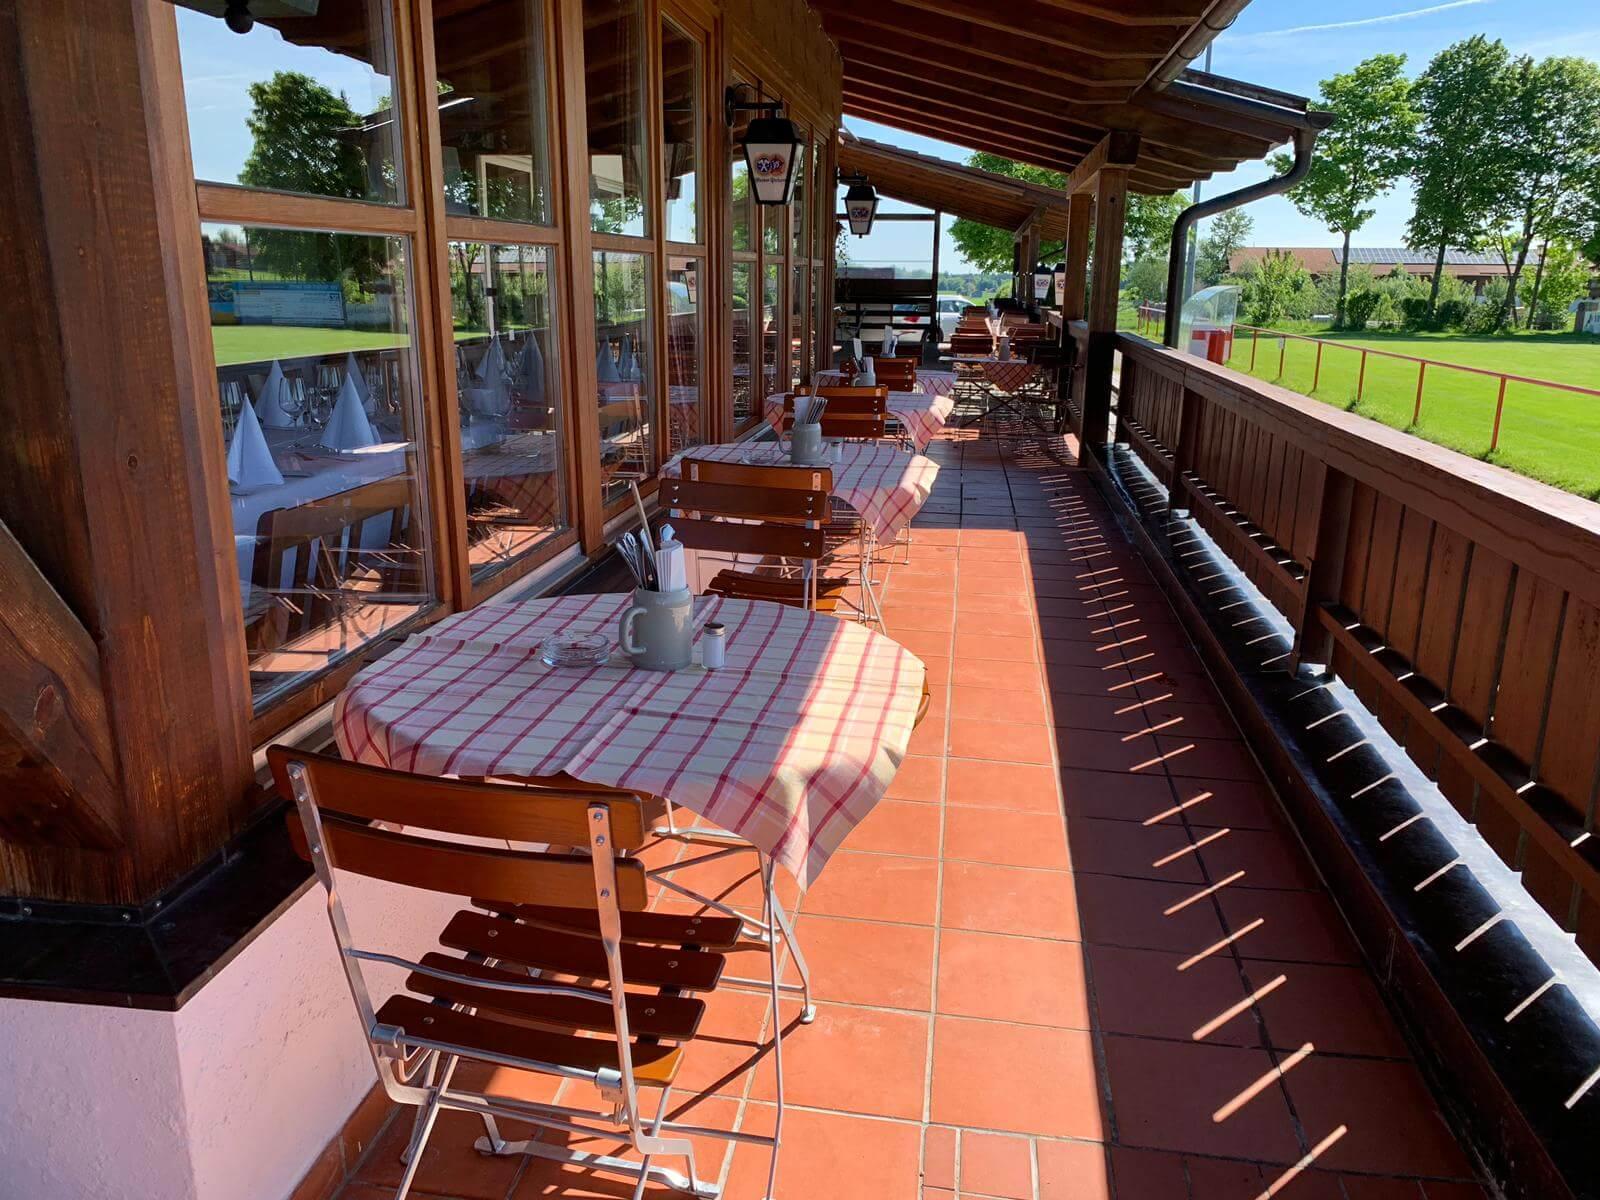 Restaurant Schäftlarn Italiener Hohenschäftlarn Pizza Pasta Terrasse